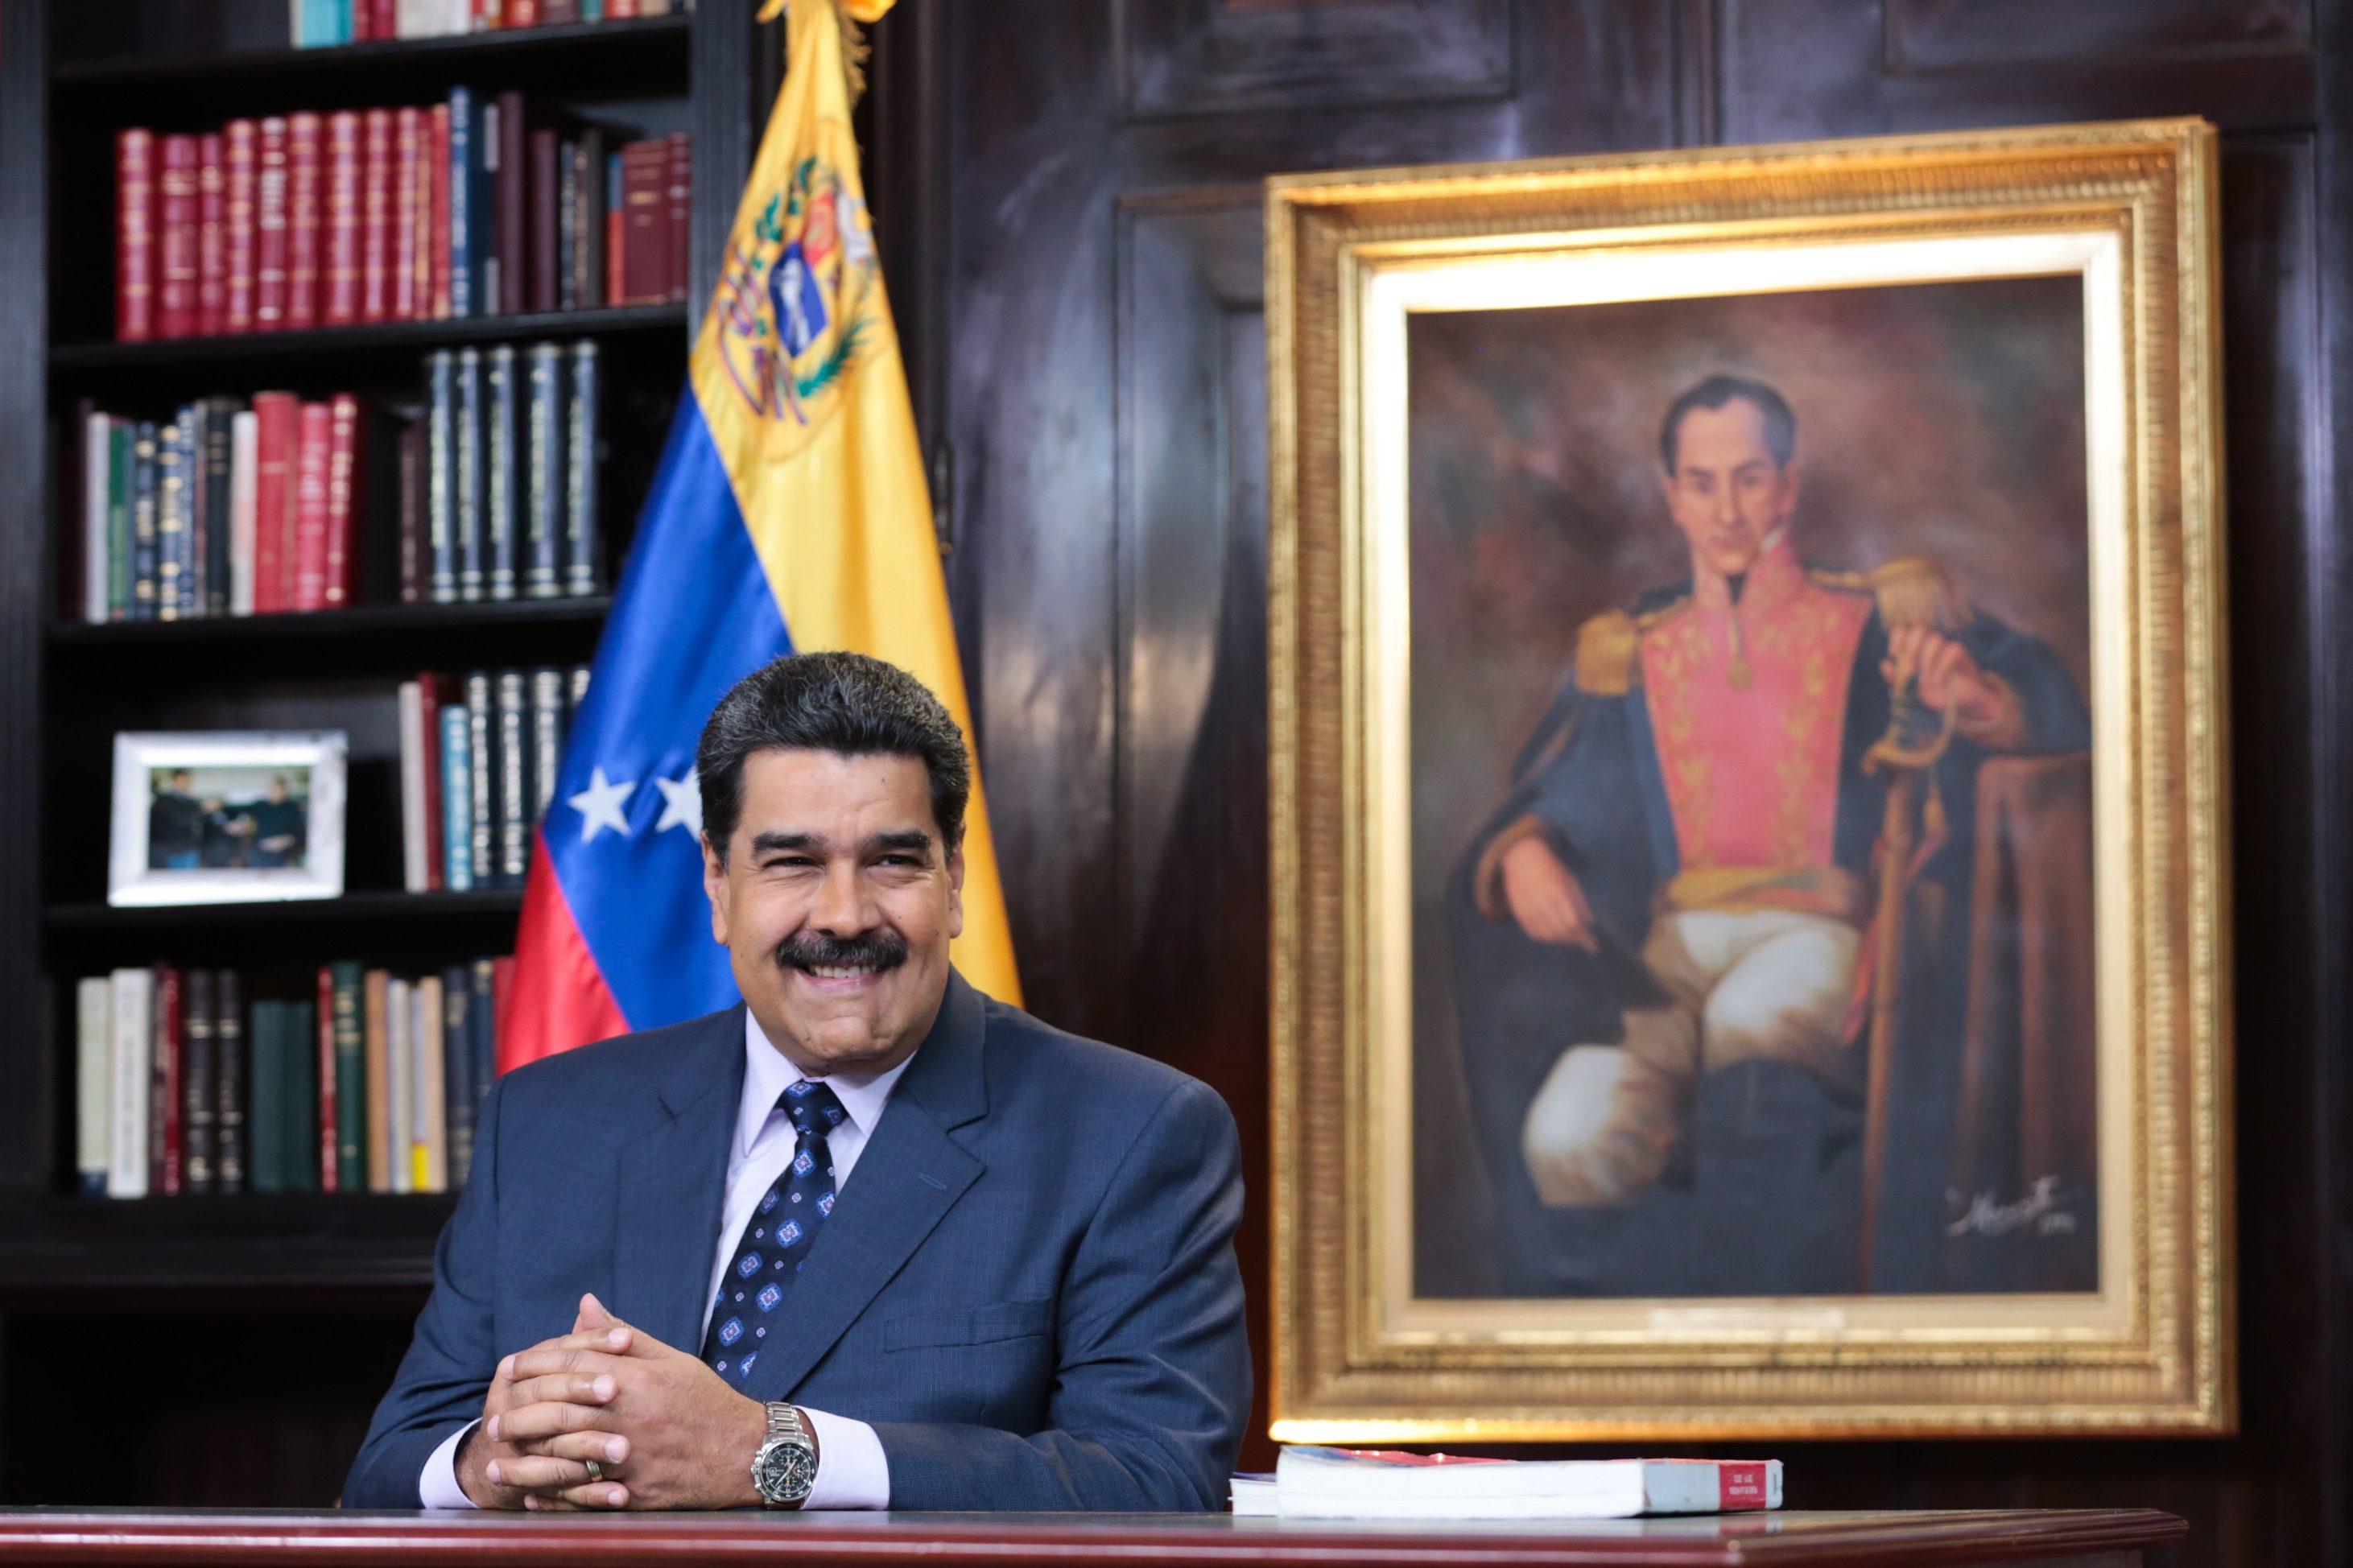 La OEA aprueba resolución que declara ilegítimo el gobierno de Venezuela